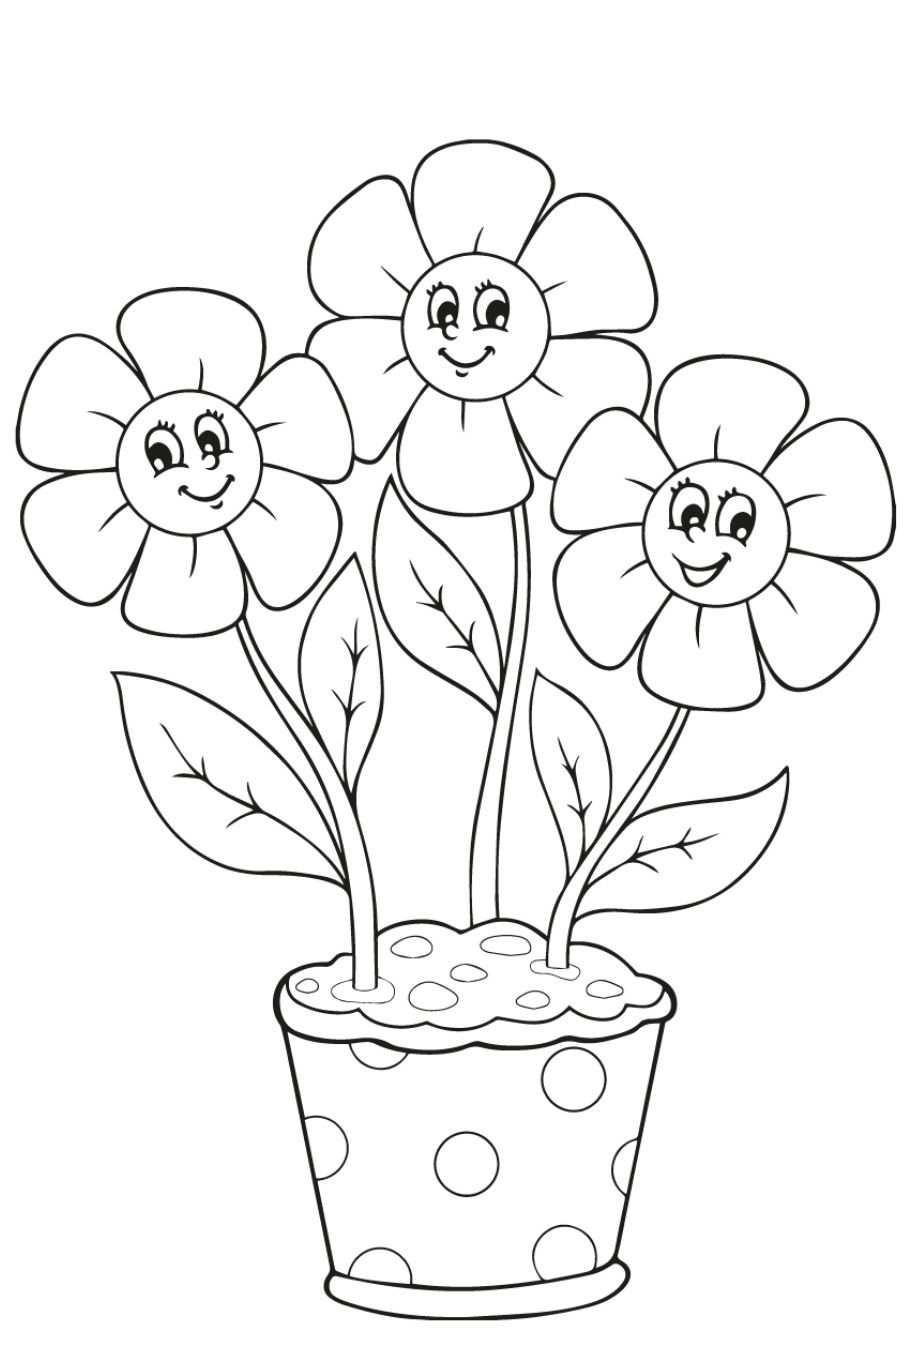 Kleurplaat Bloemen 26 Superleuke Gratis Kleurplaten Bloemen In